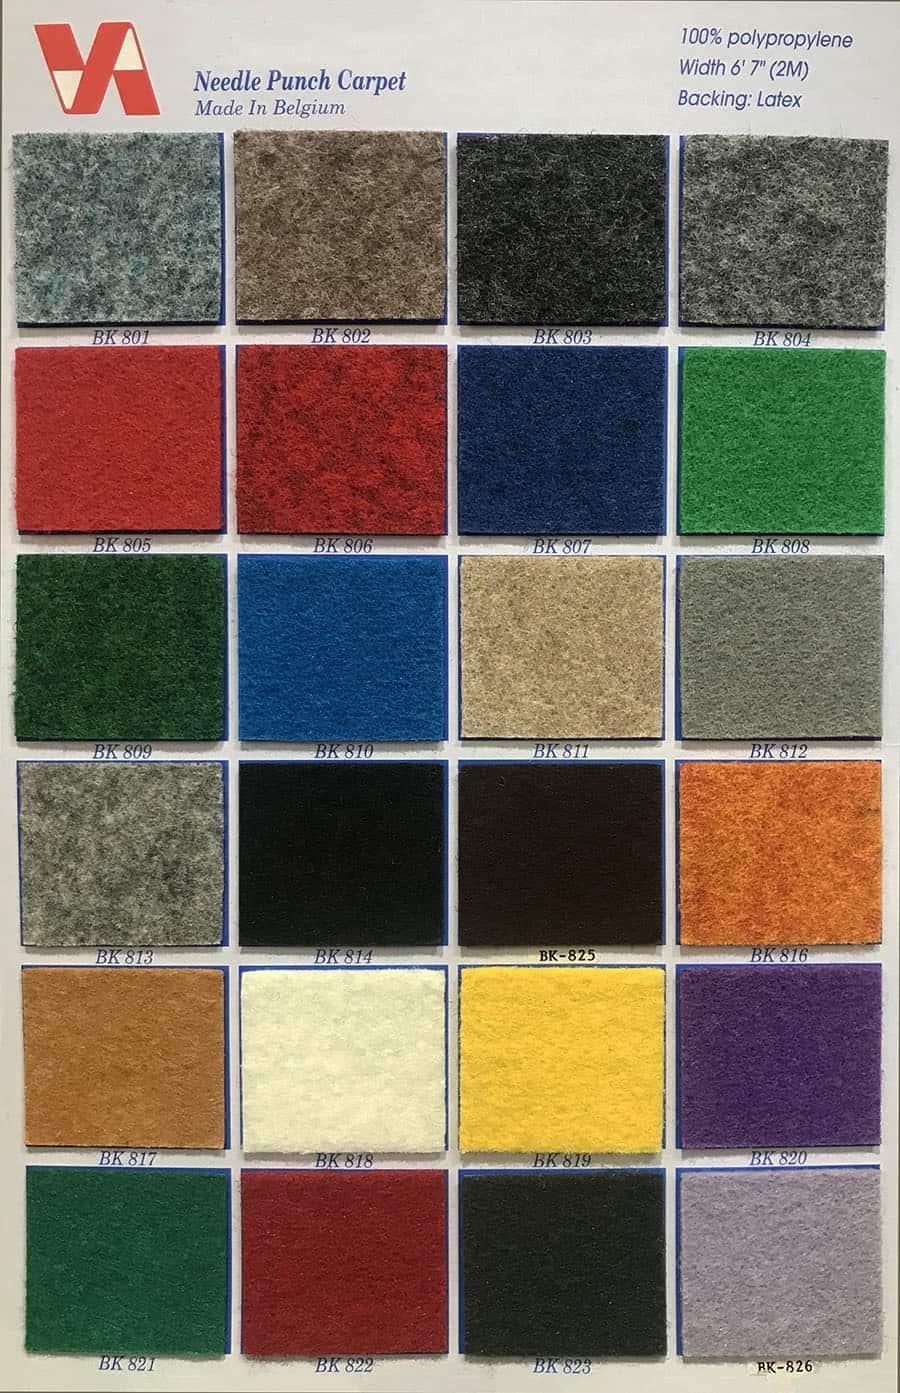 比利時展覽地毯 Belgium KK Carpet (2) Quality: 100% Polypropylene Width: 6'7